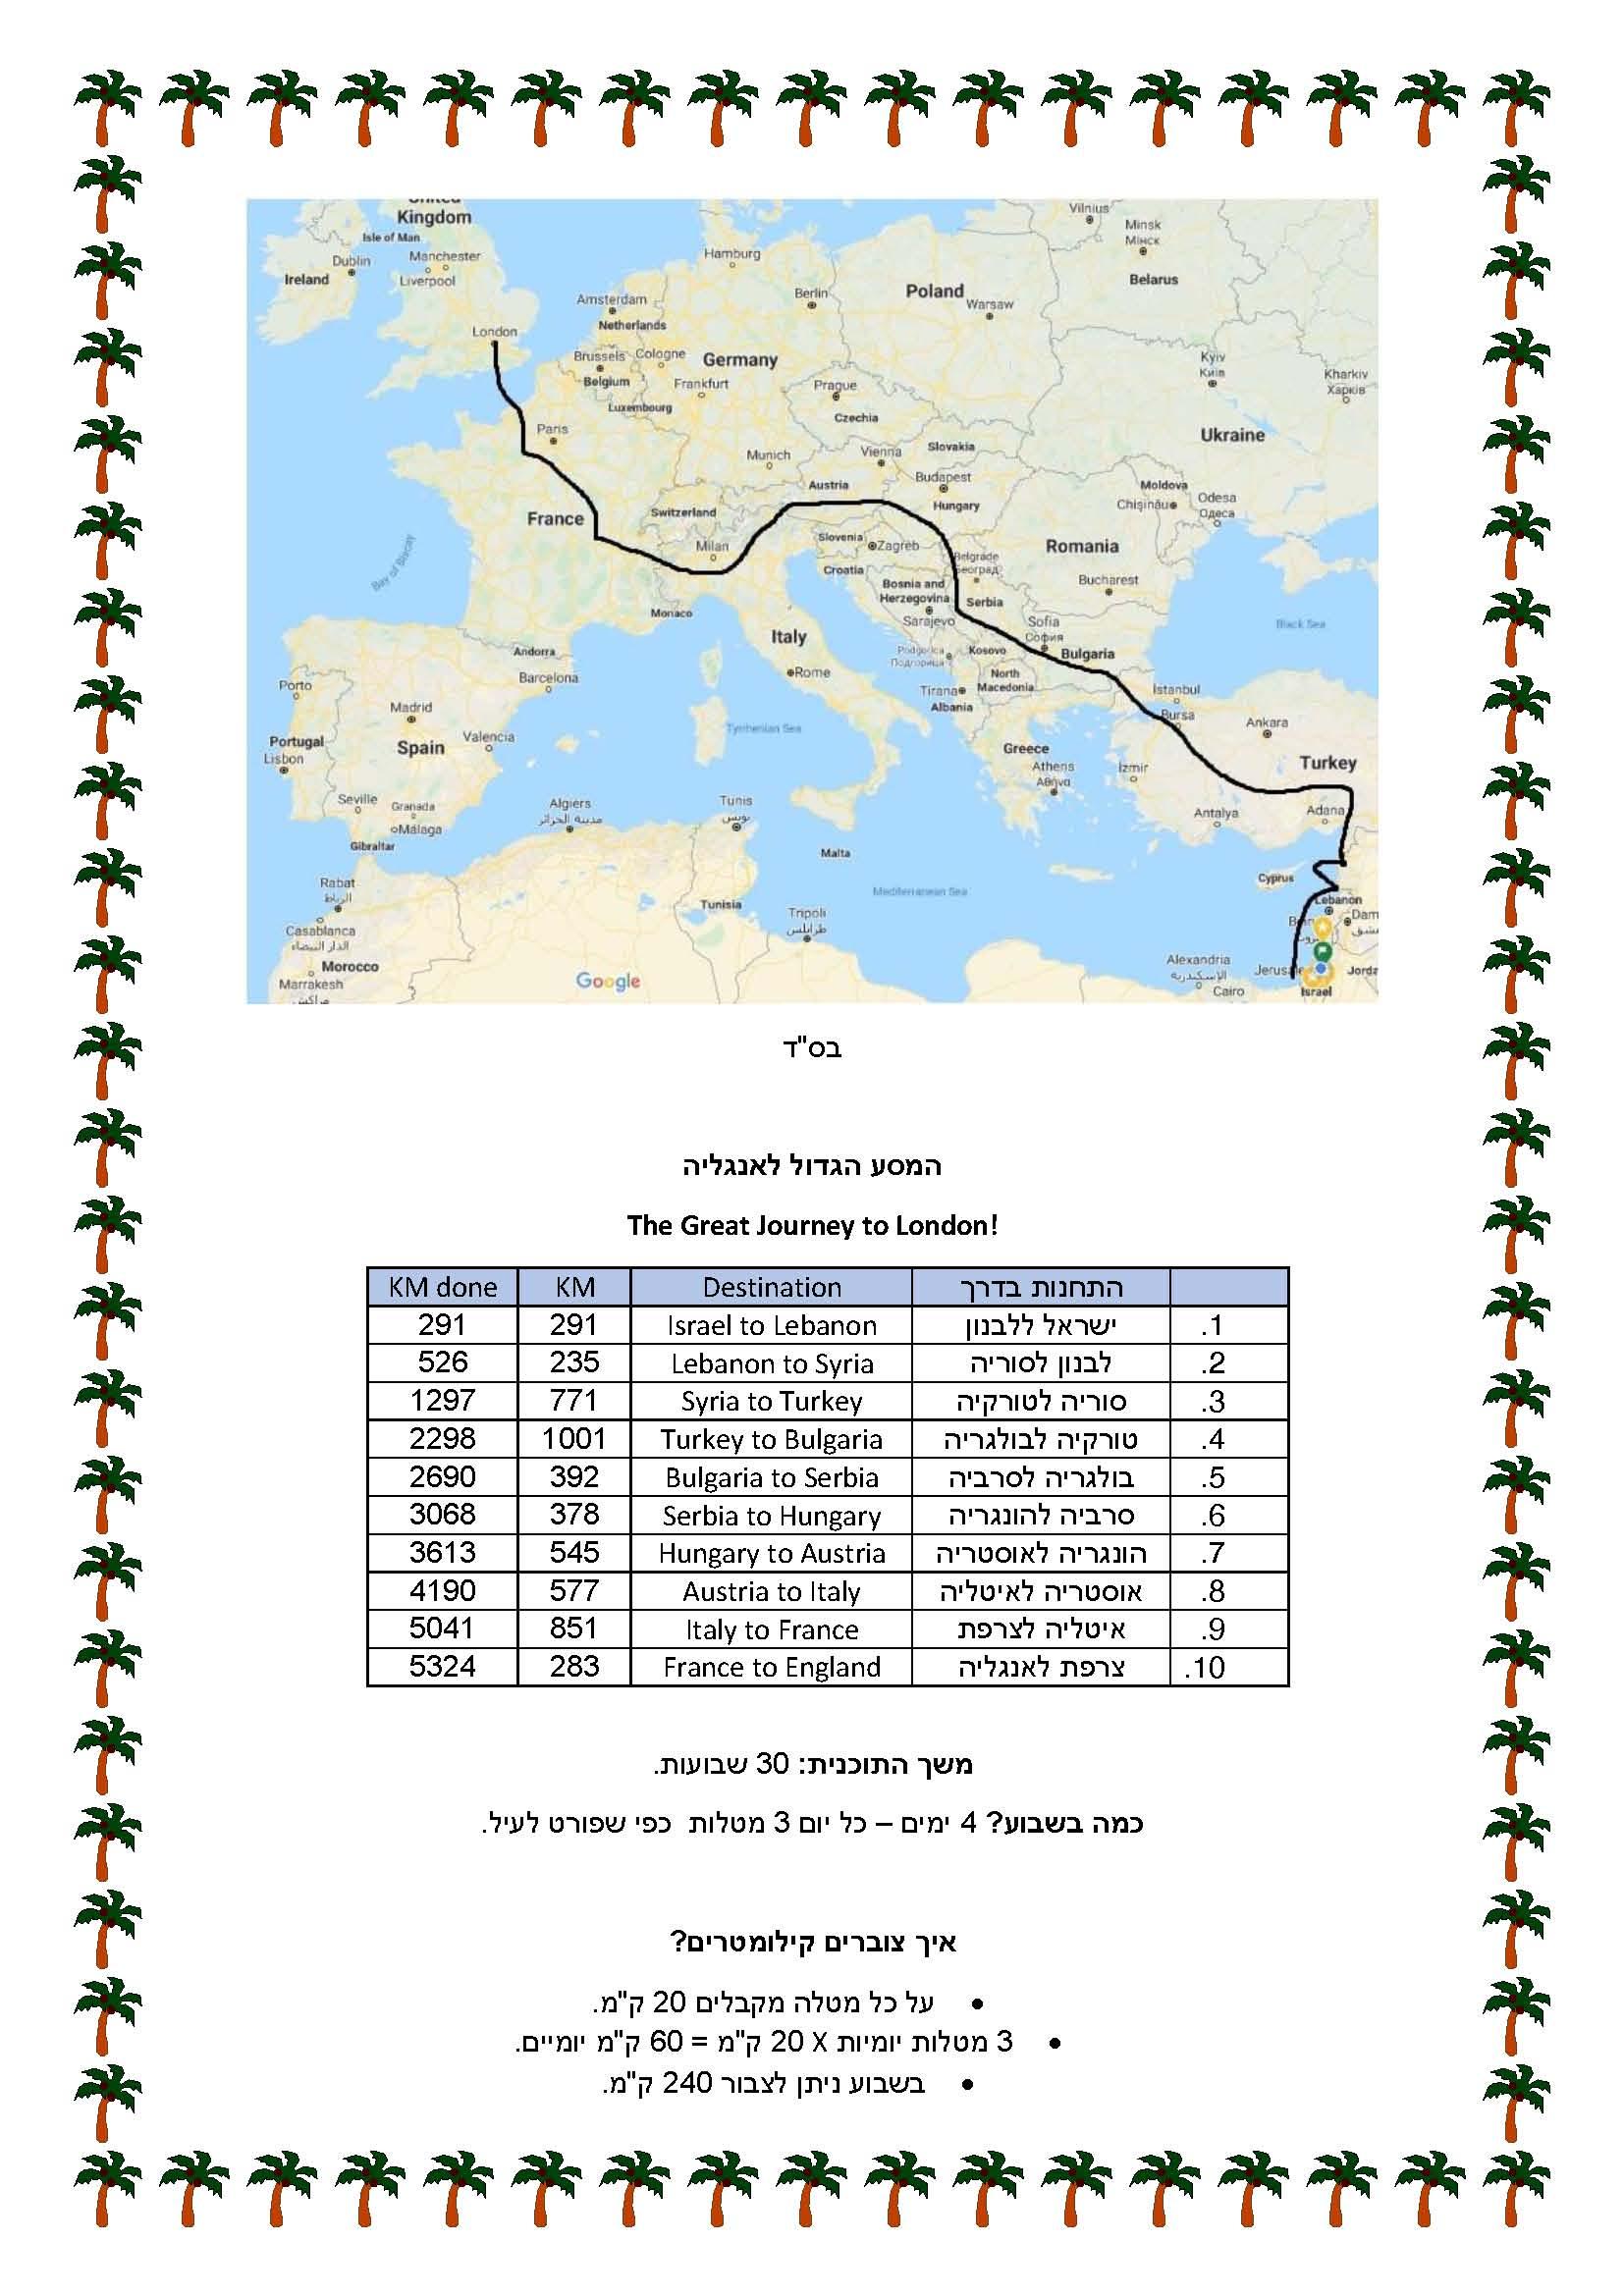 פרסום למסע הגדול לאנגליה_Page_2